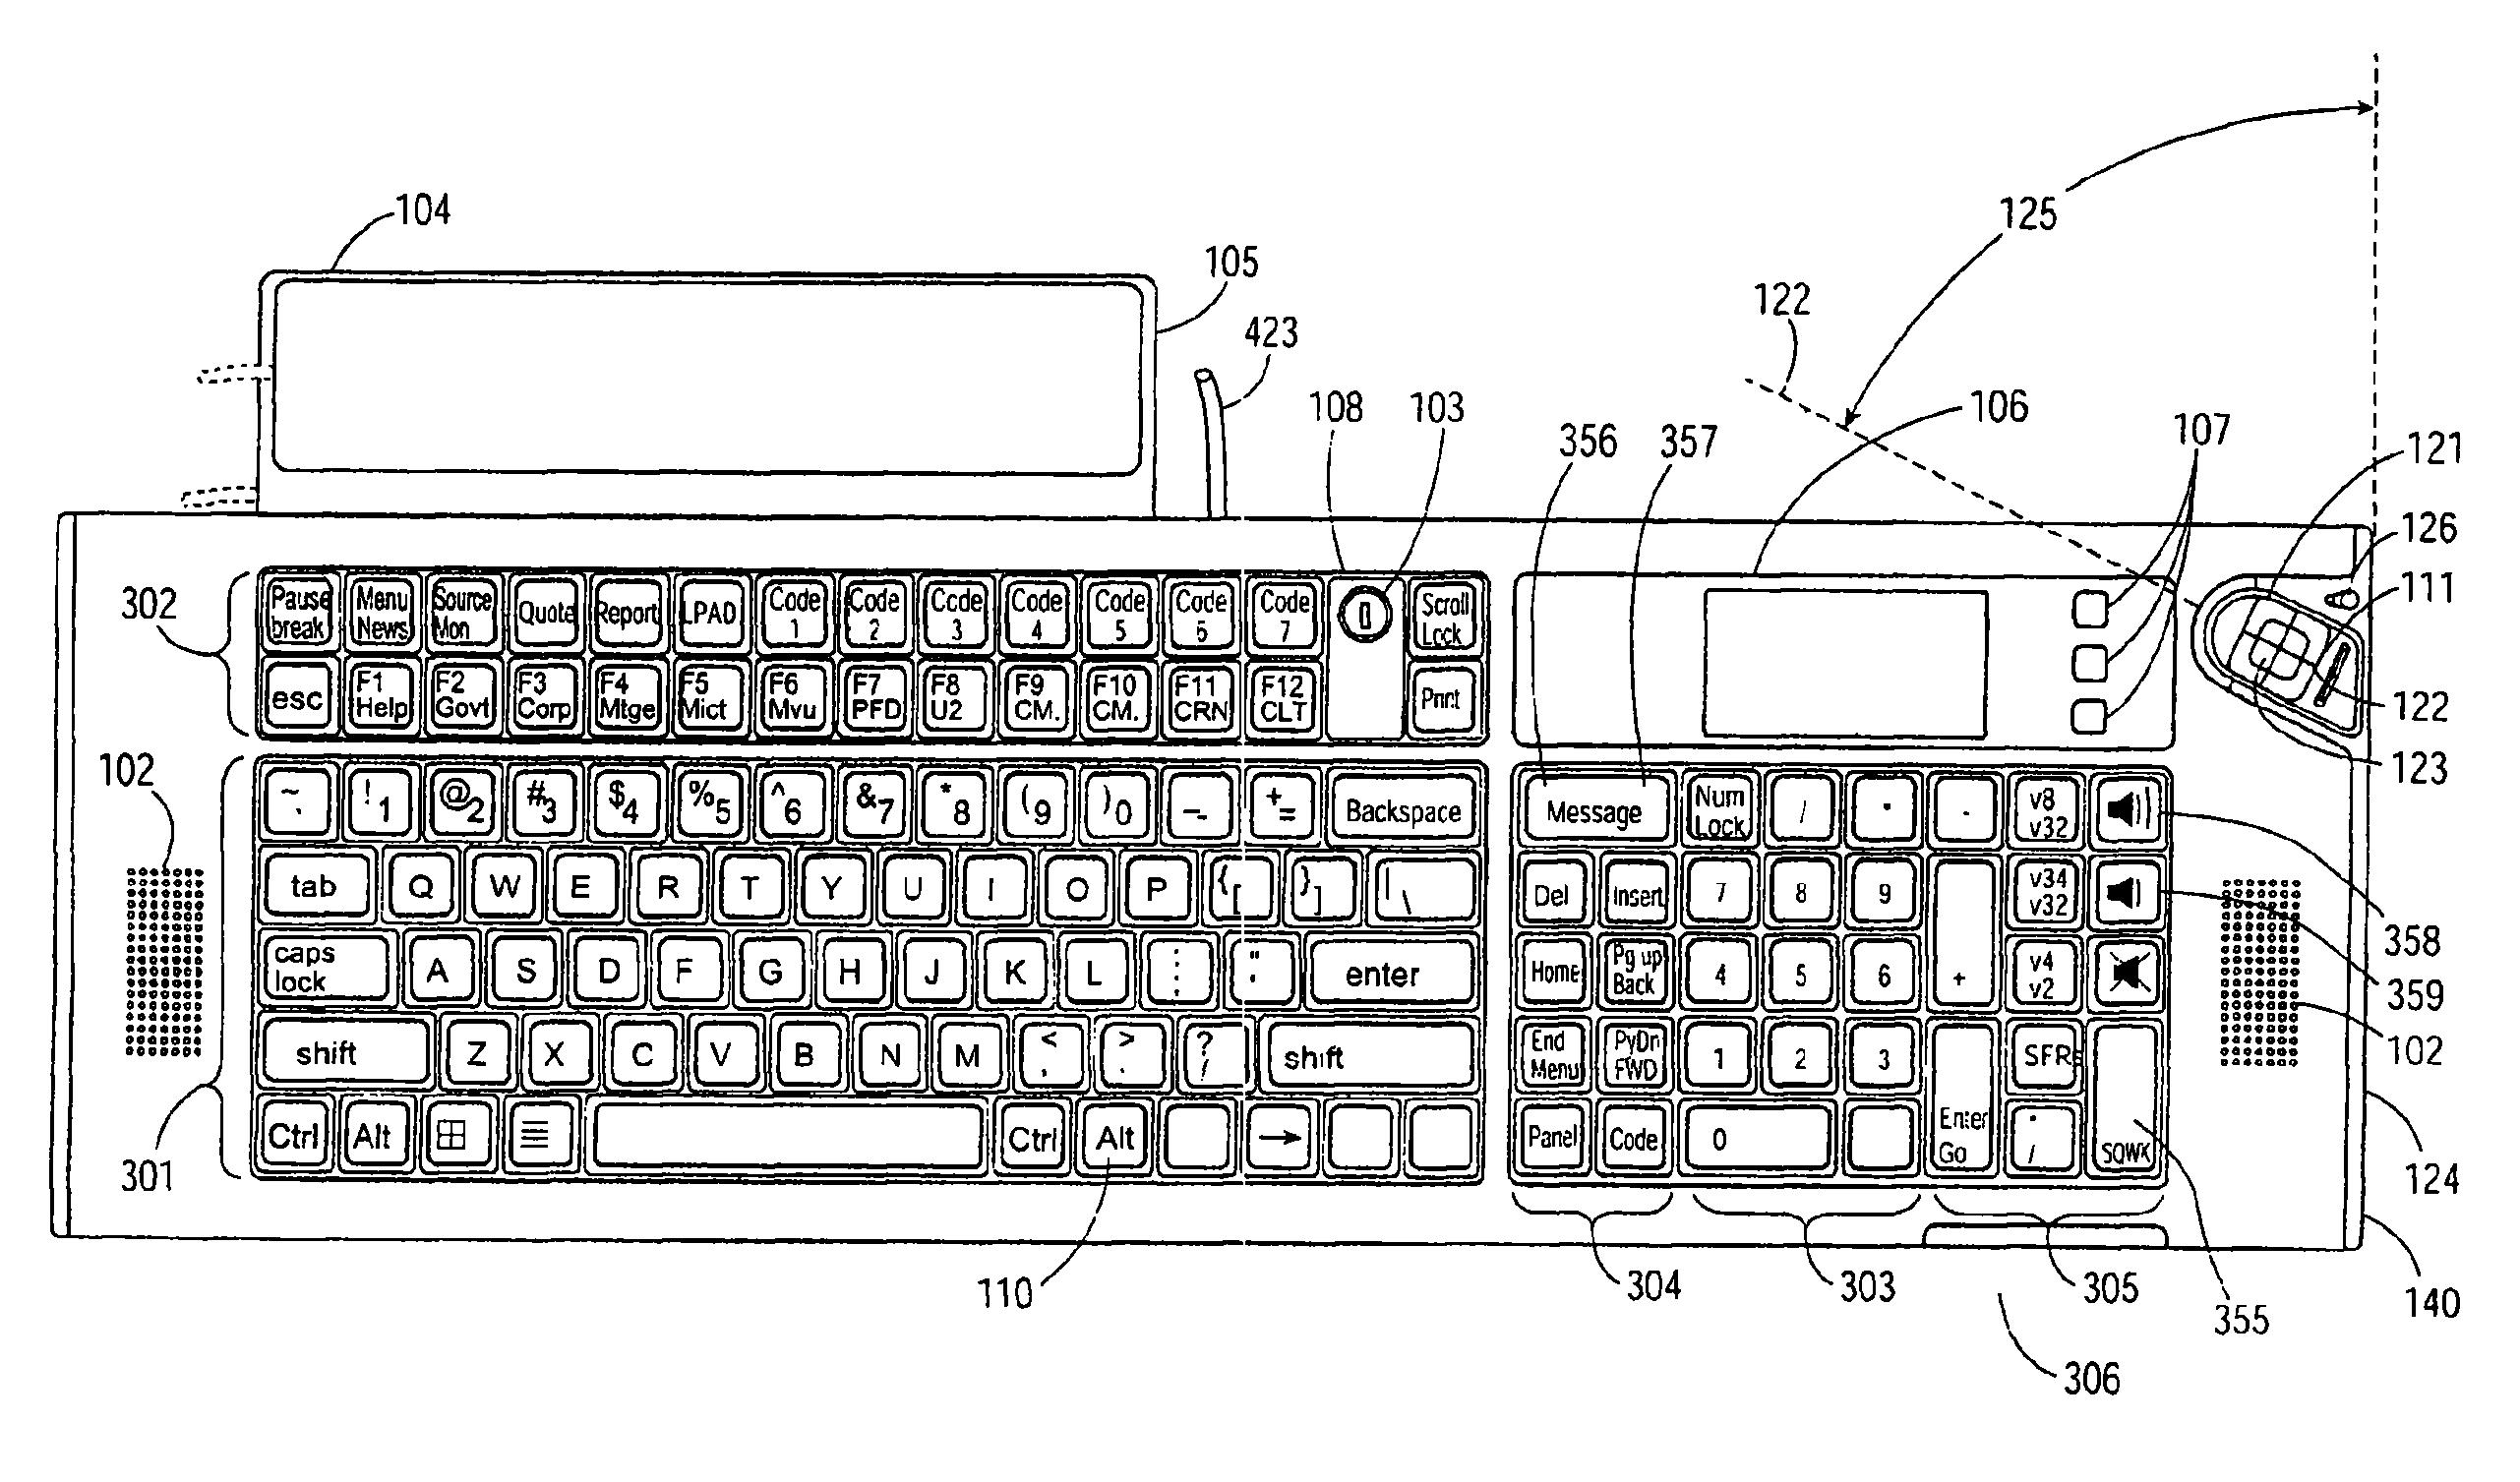 laptop keyboard drawing - photo #41